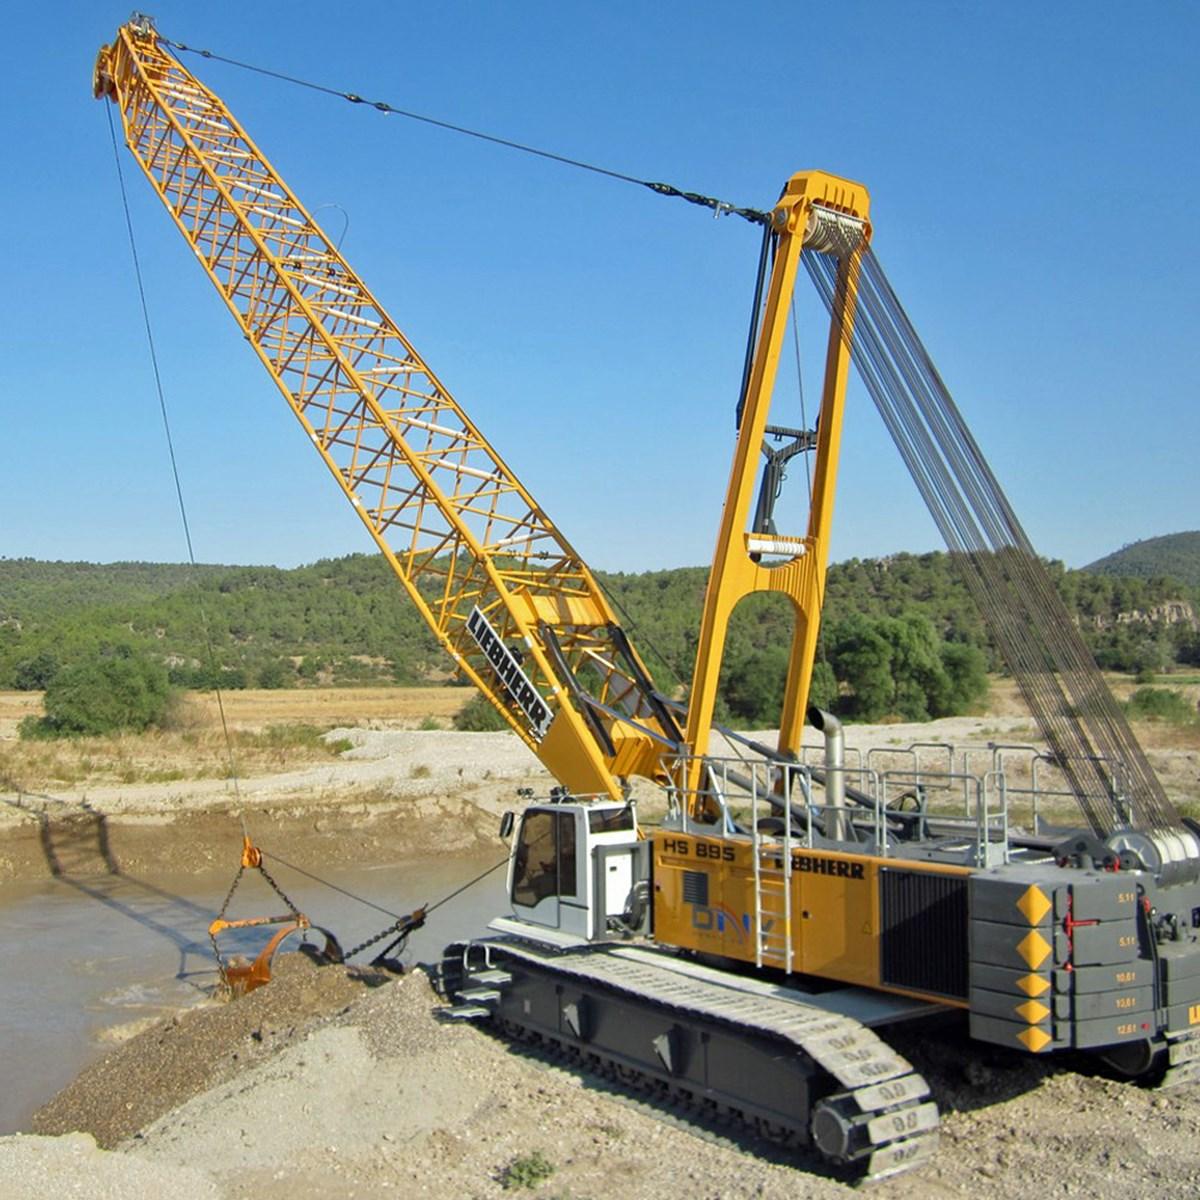 liebherr-hs-895-hd-seilbagger-crawler-crane-hydraulic-dragline-3.jpg